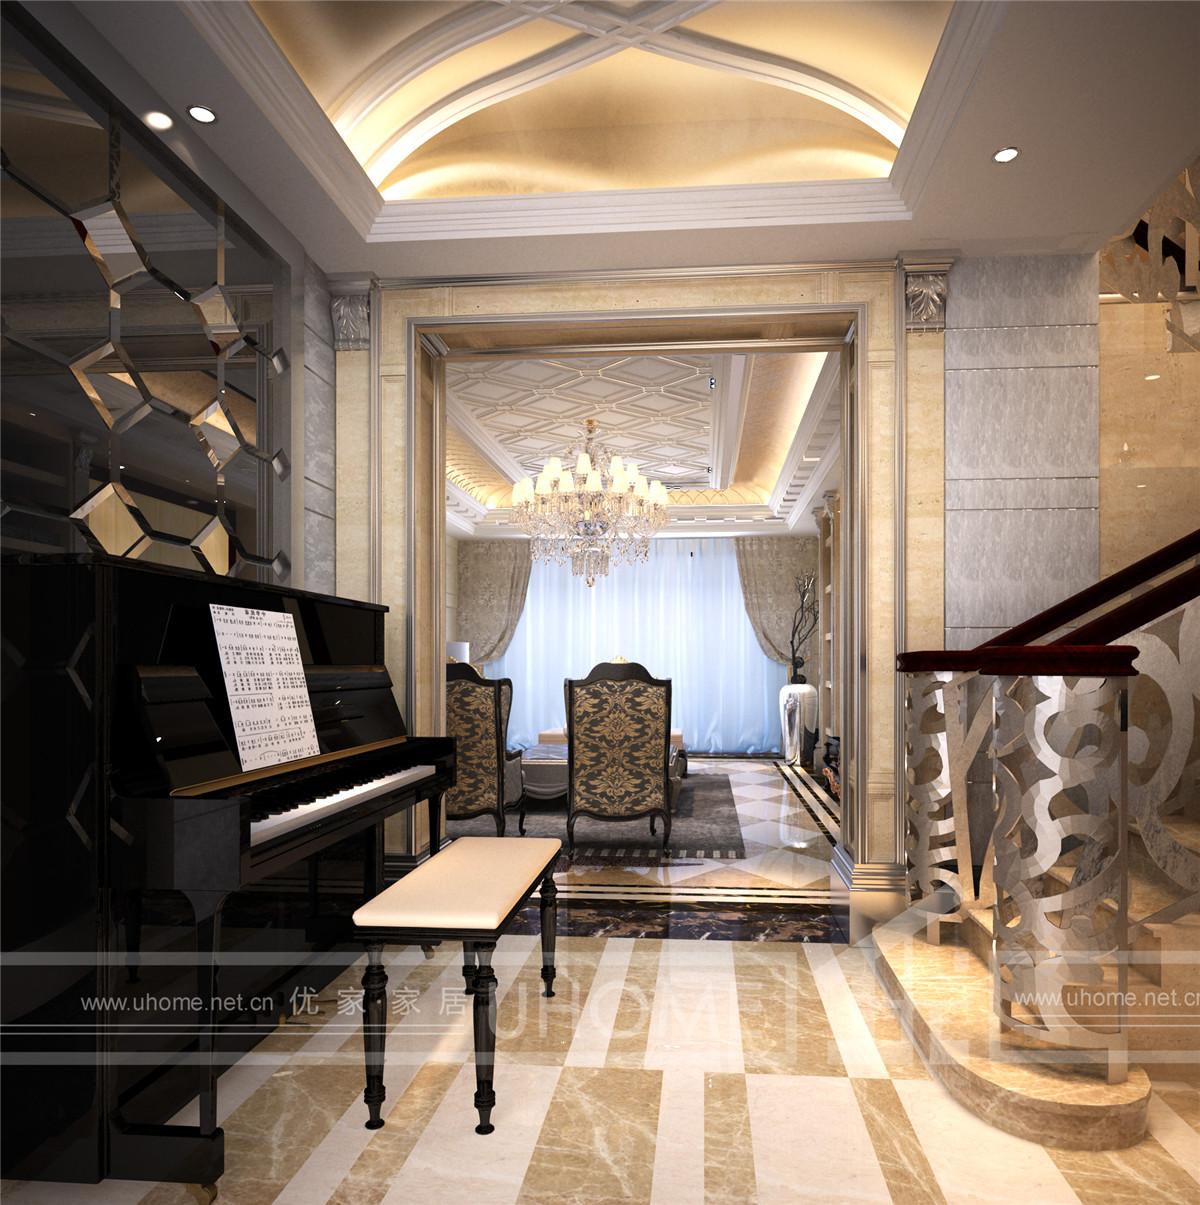 欧式 别墅装修 别墅设计 西郊半岛 奥邦装饰 楼梯图片来自上海奥邦装饰在西郊半岛别墅现代简约欧式风格的分享